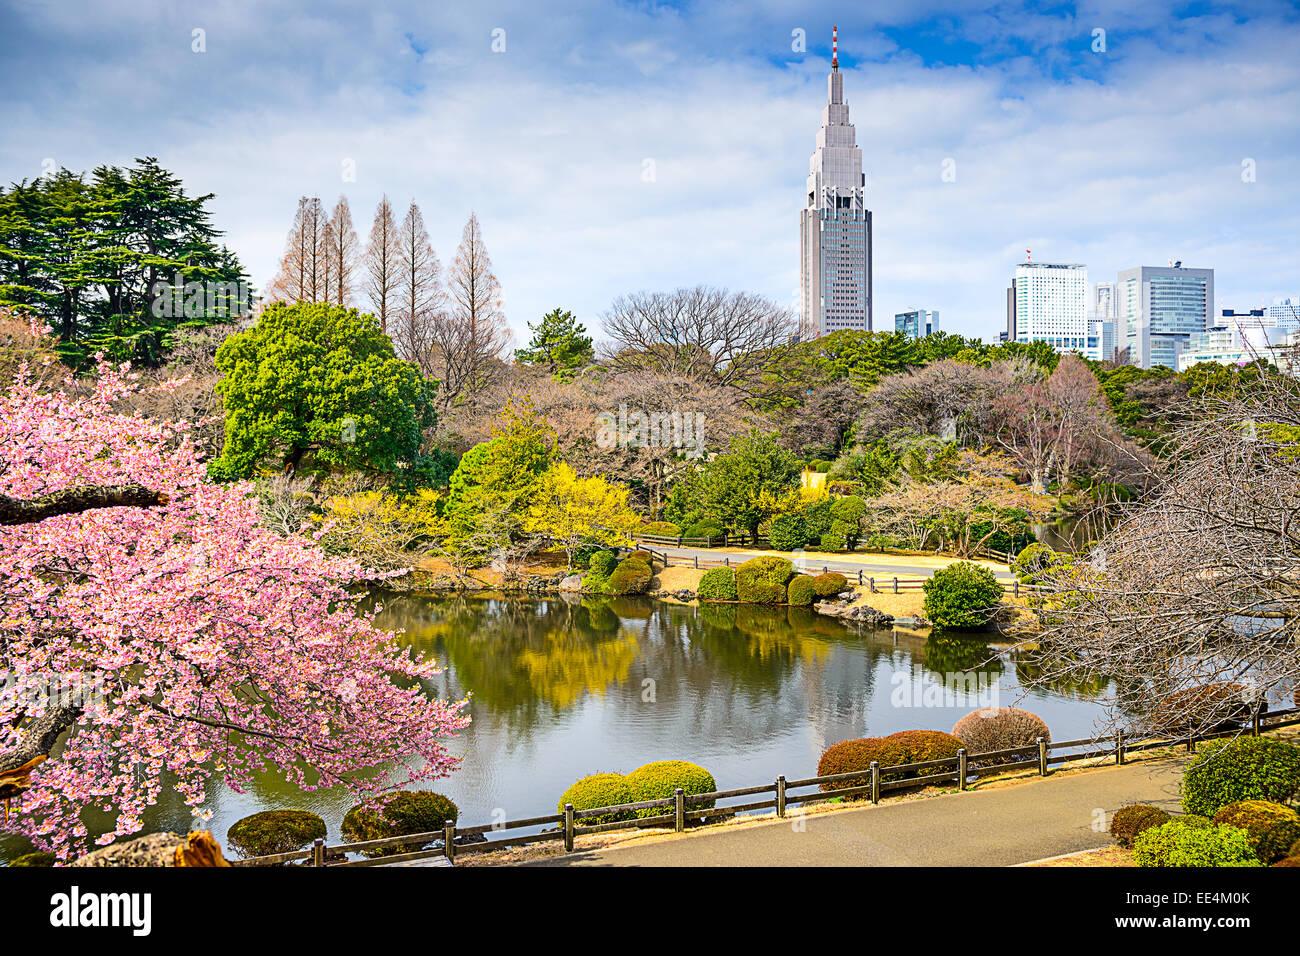 Shinjuku Gyoen Park, Tokyo, Japan in the spring. - Stock Image